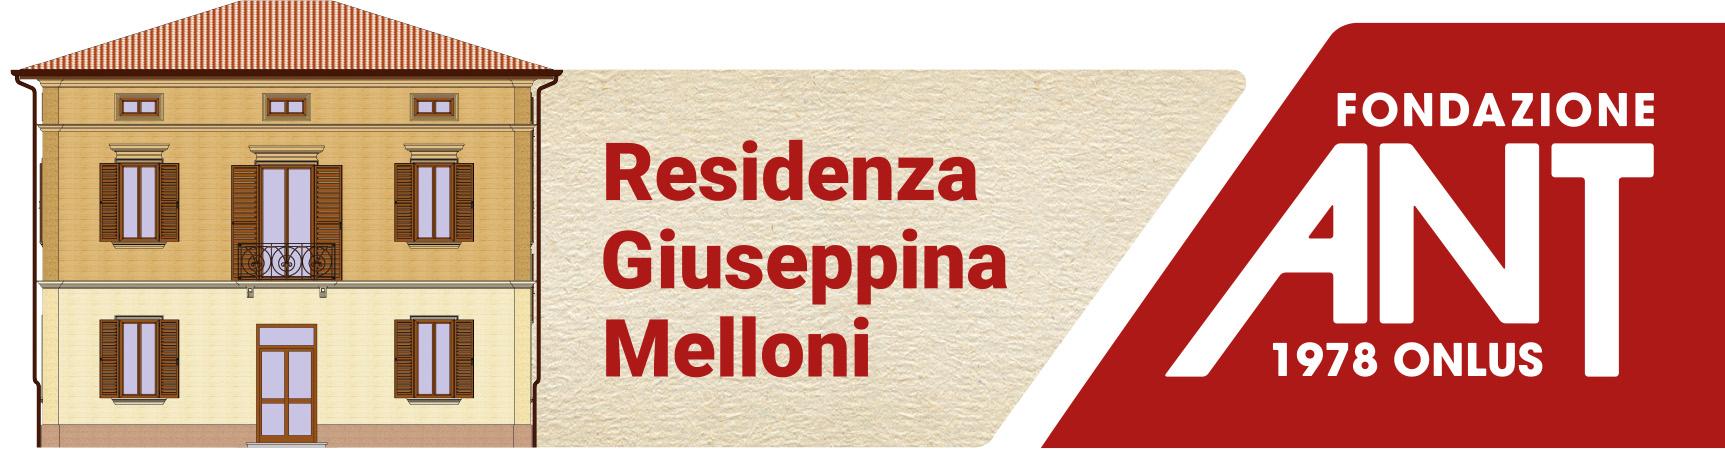 Residenza Giuseppina Melloni; Ambulatori Residenza Giuseppina Melloni